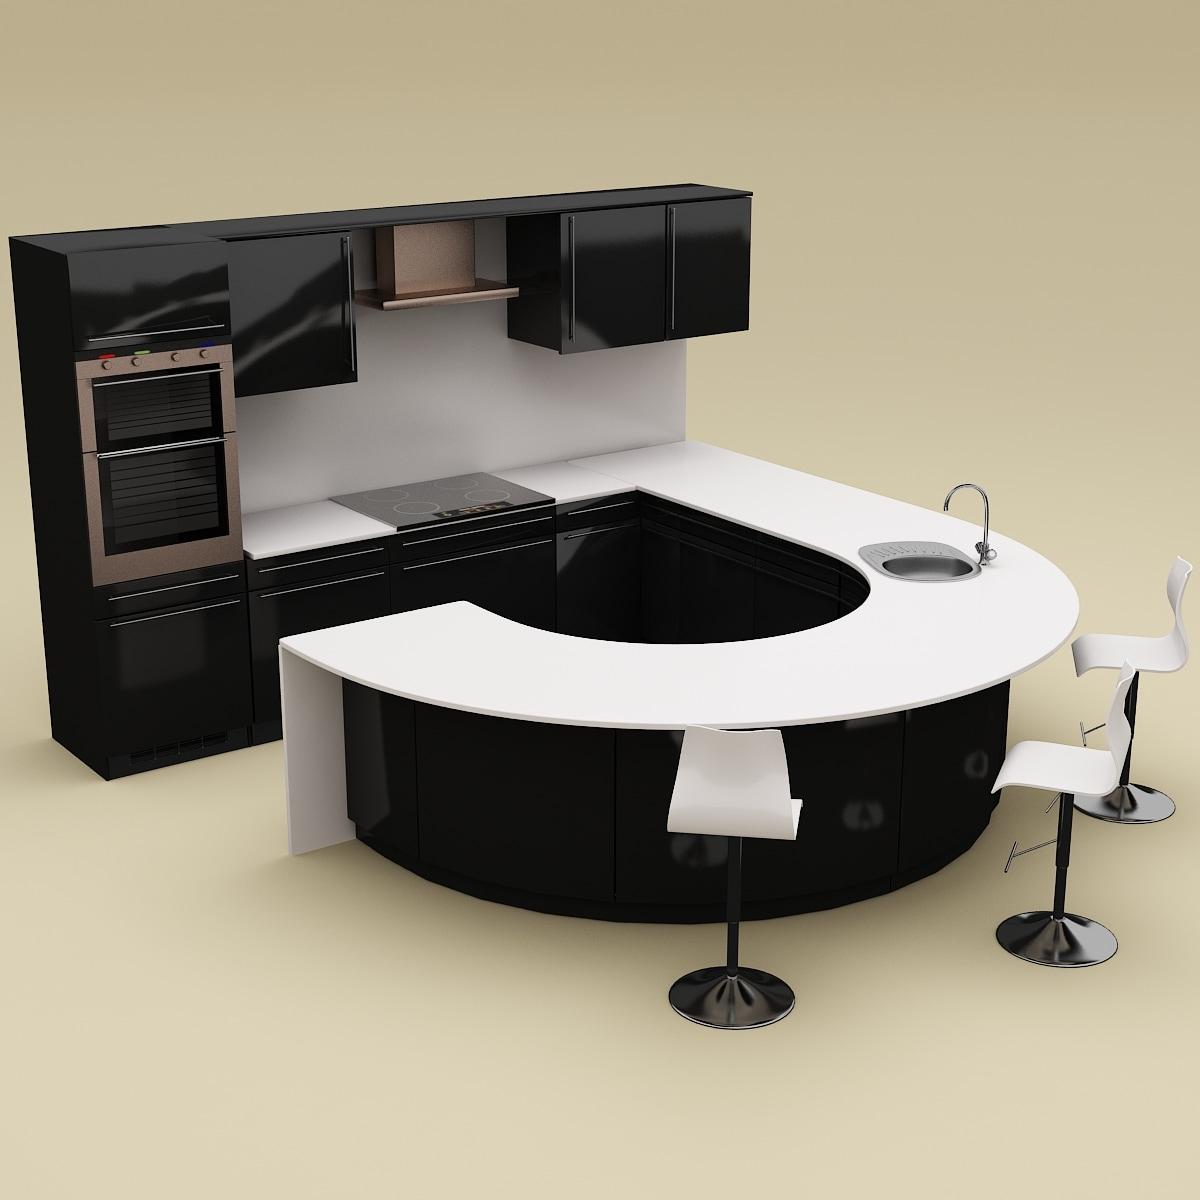 Kitchen_V16_001.jpg